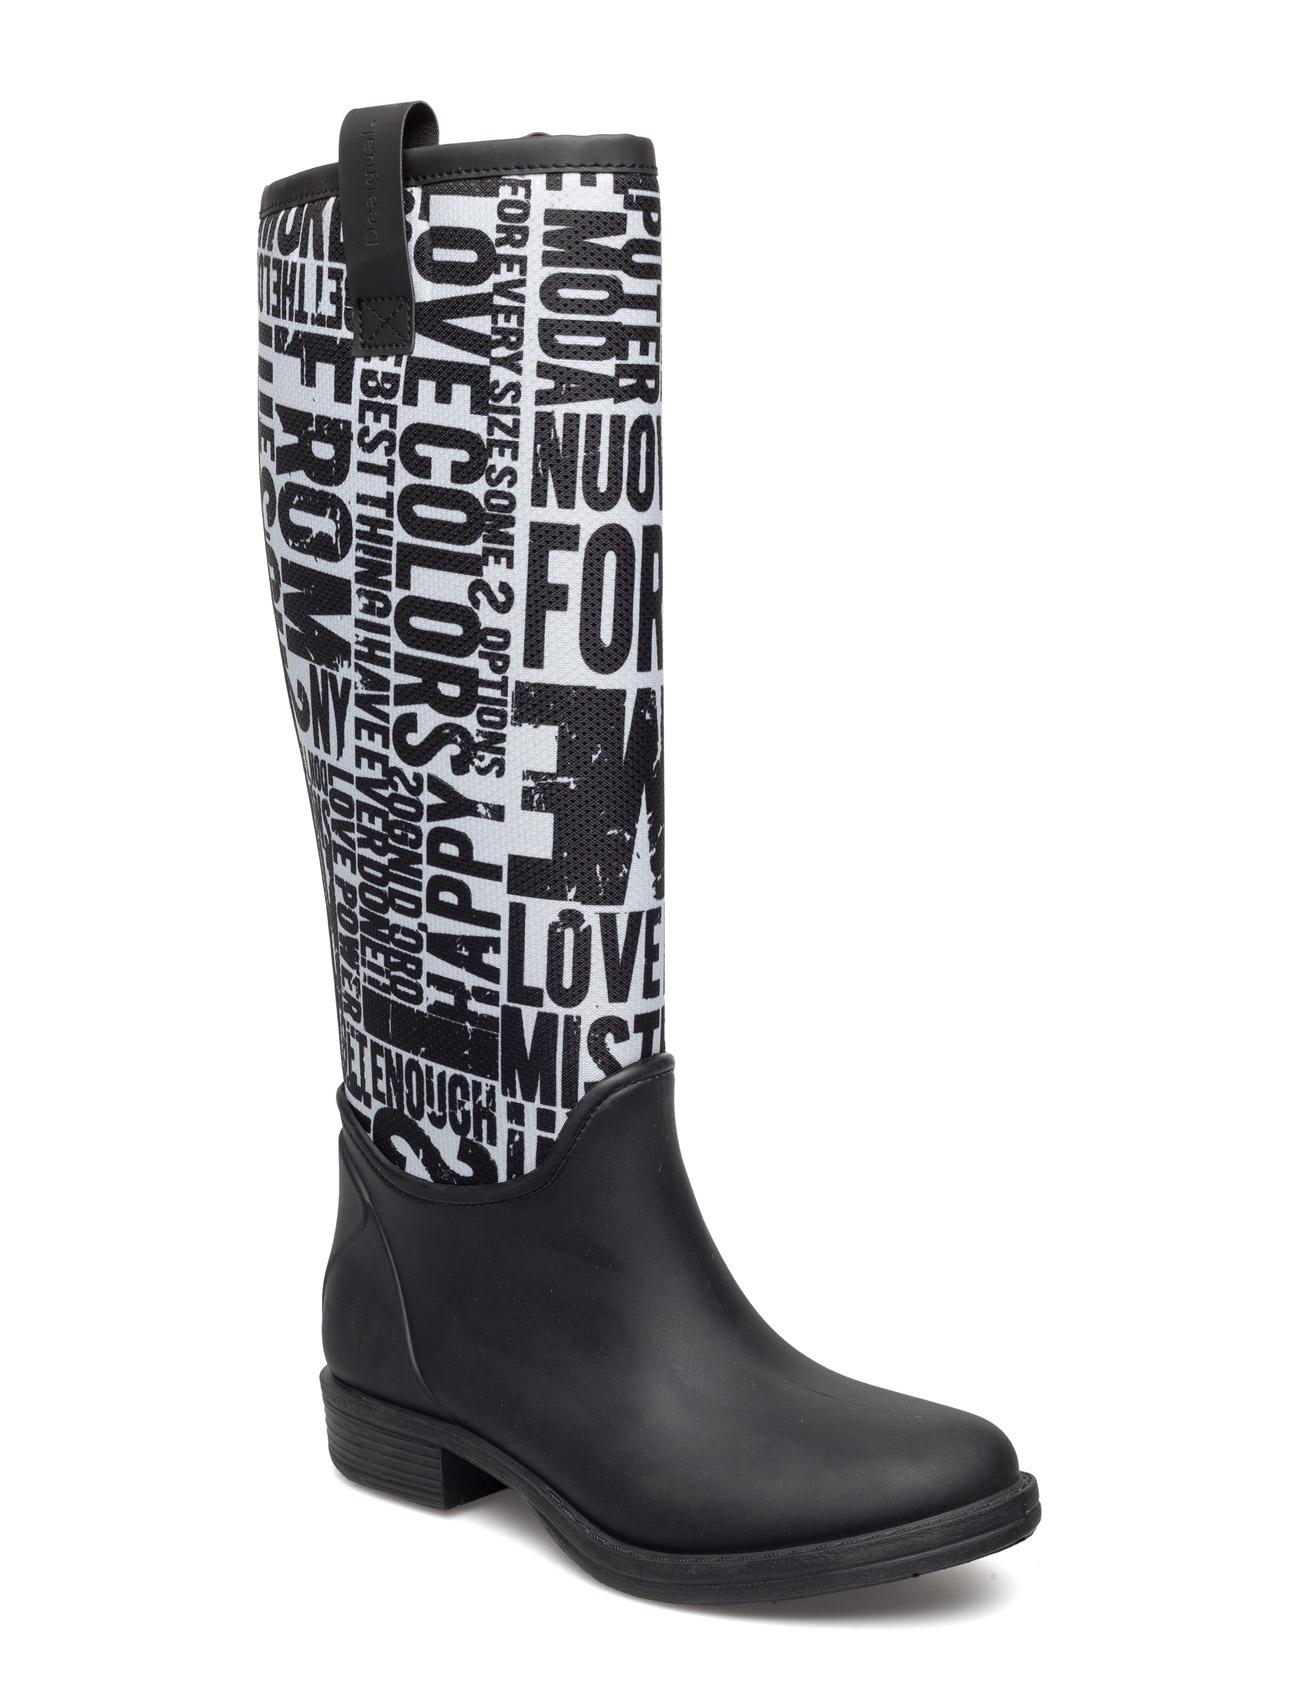 Shoes Kartel Rainboot Desigual Shoes Støvler til Kvinder i neger